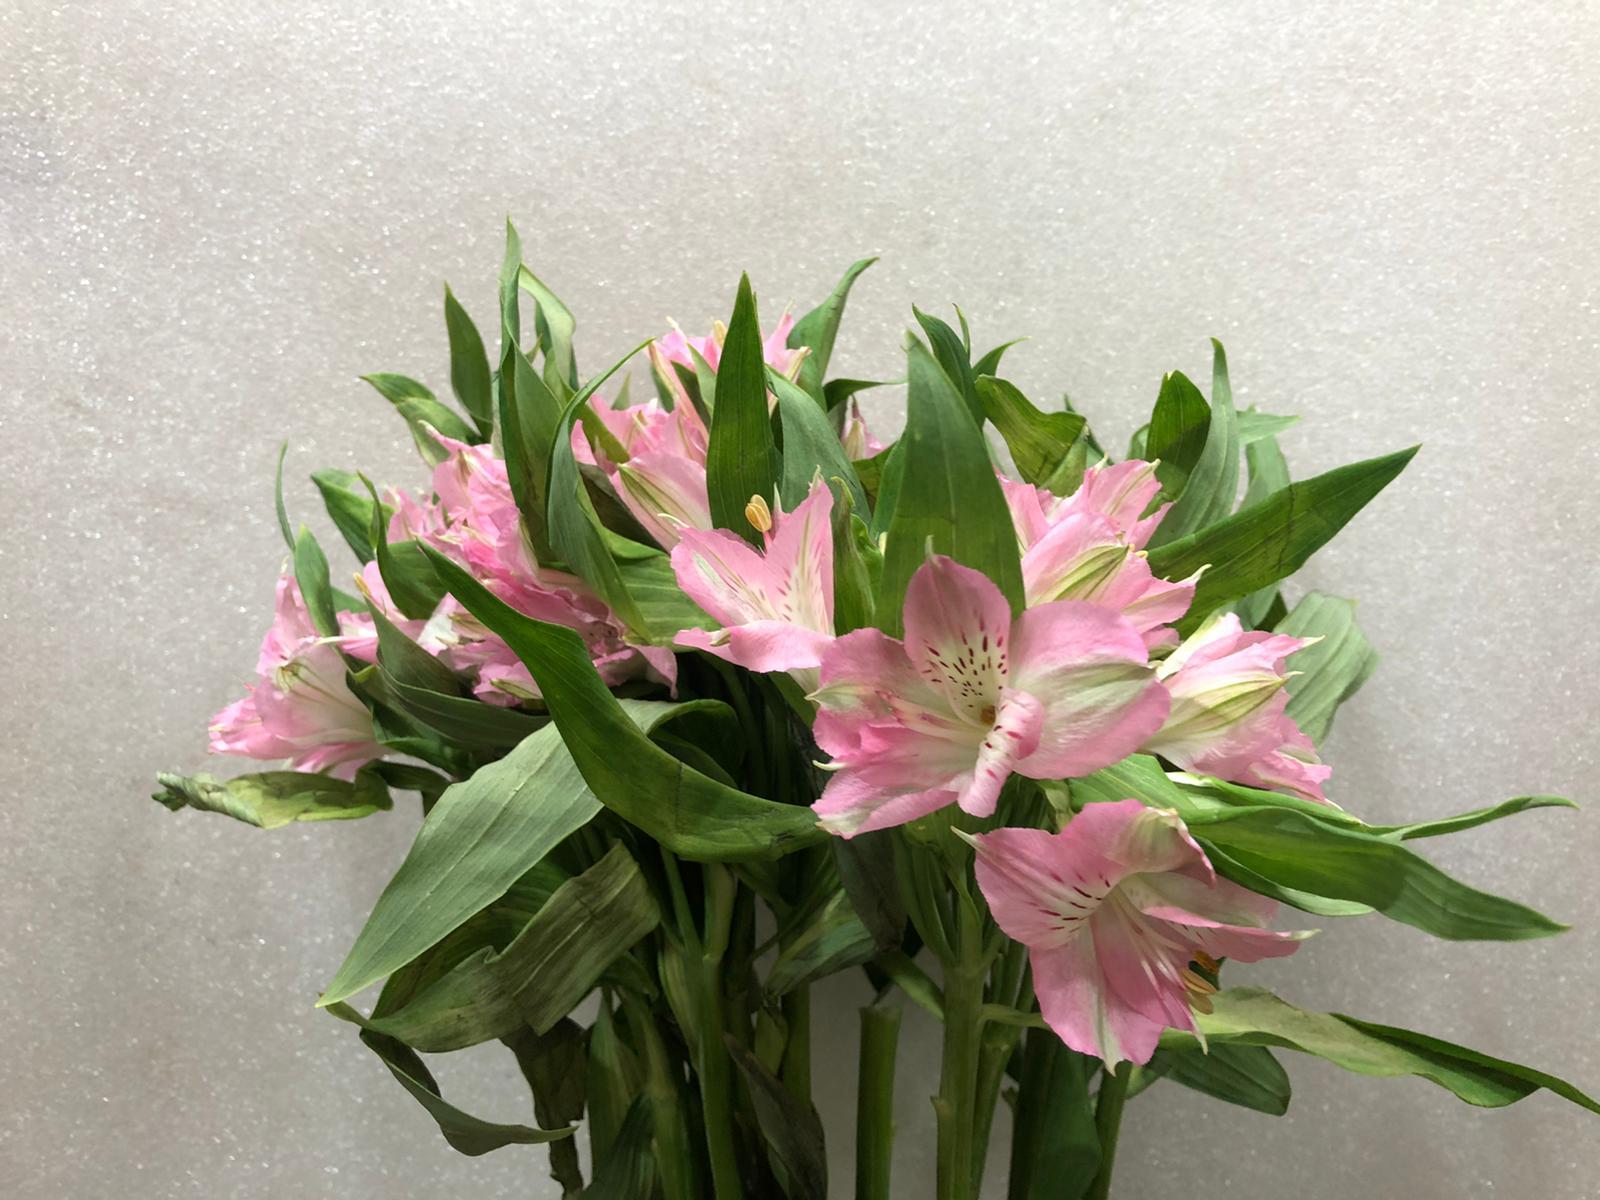 ألستروميريا - وردي ' الزهور بالجملة زهور مقطوفة